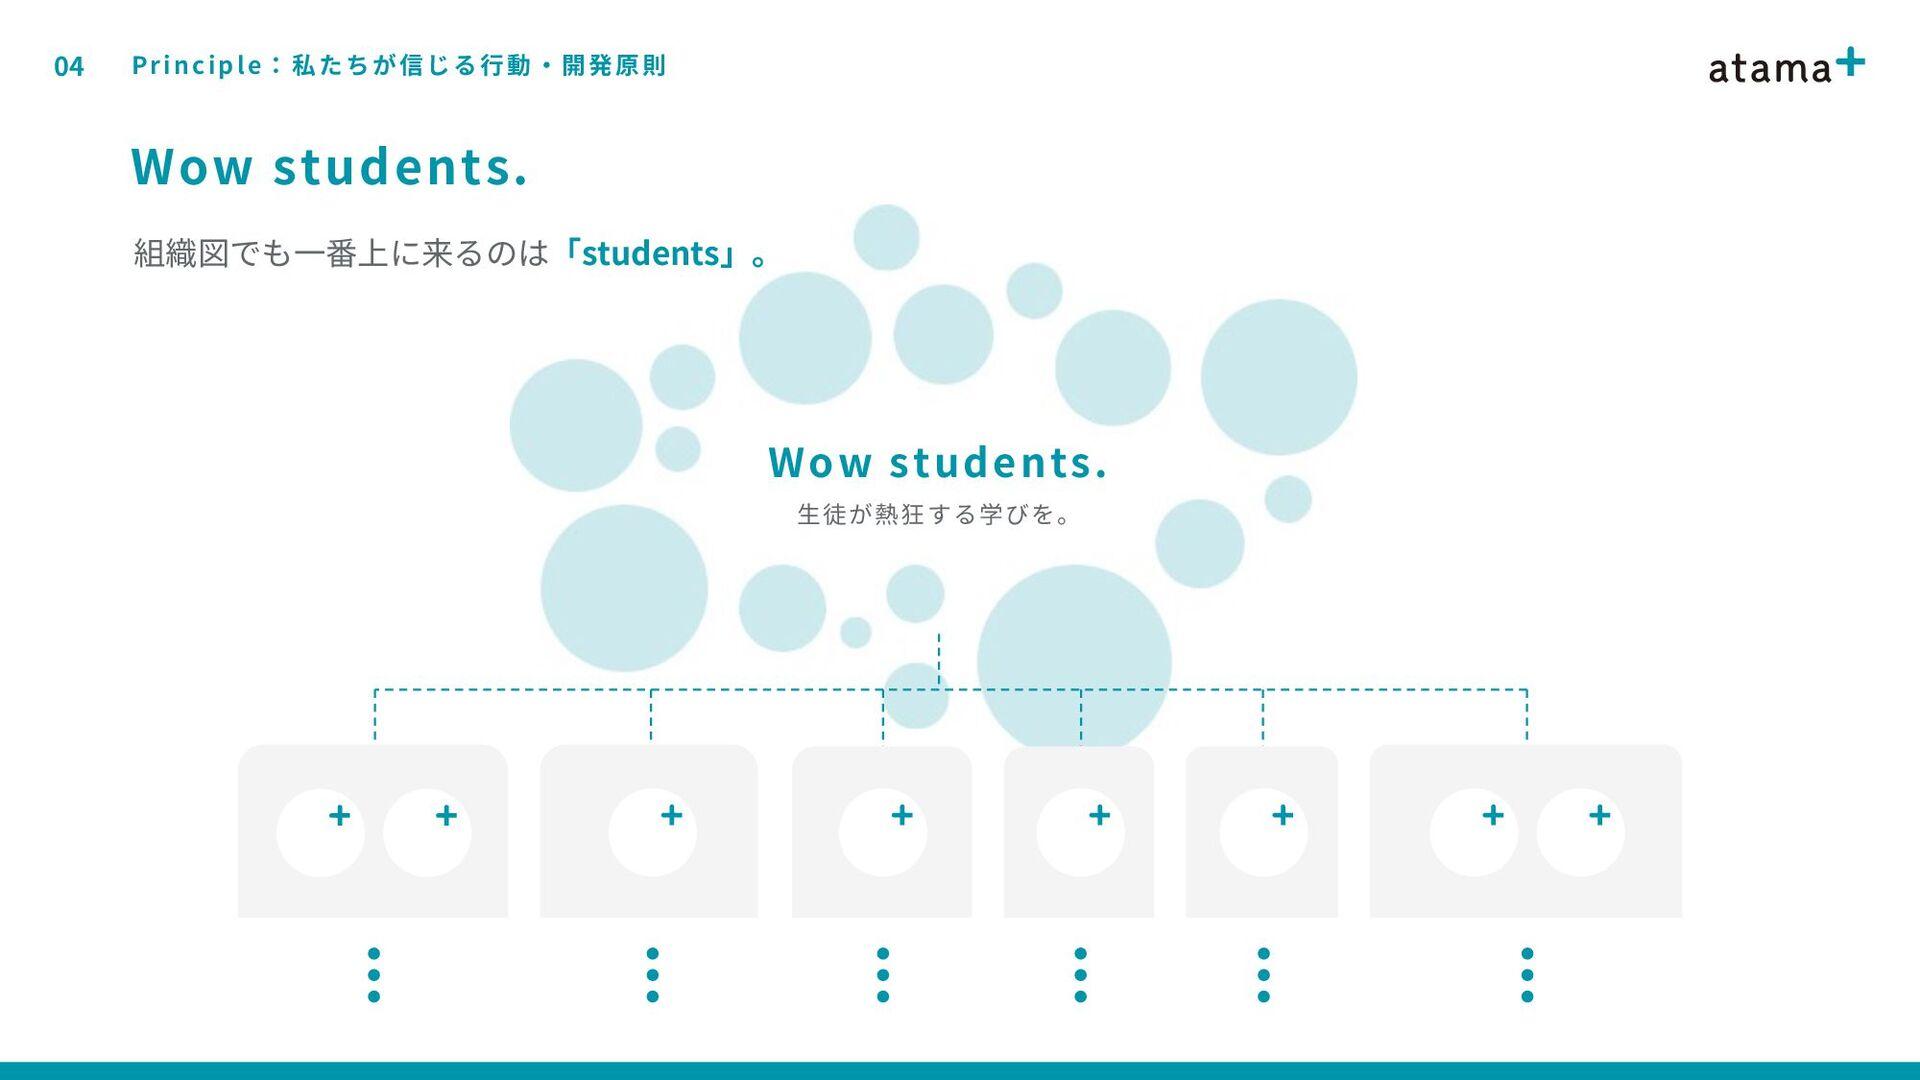 03 大切にしていること 31 Wow students. 生徒が熱狂する学びを。 勉強をワク...